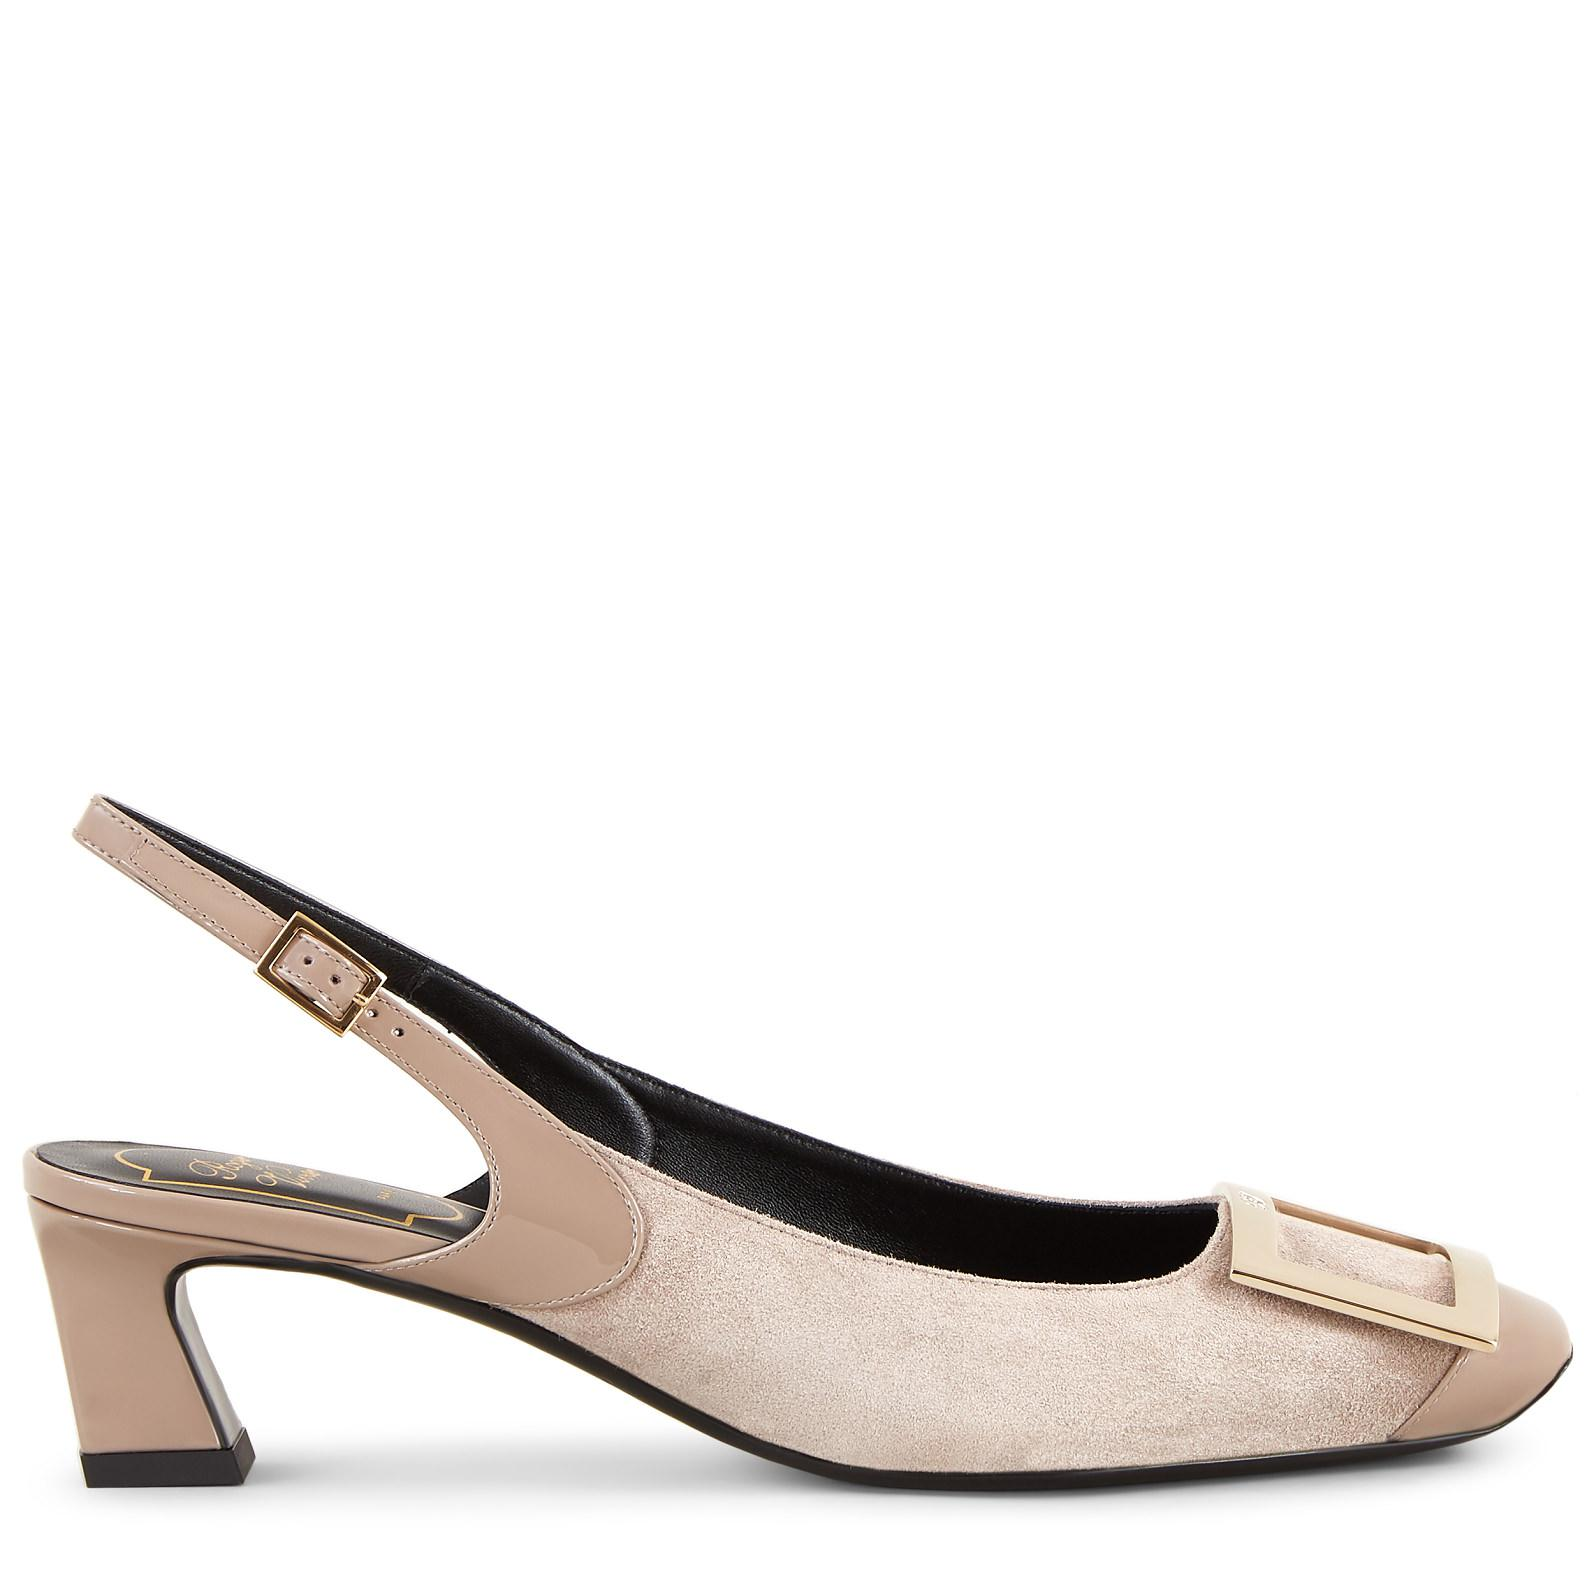 91fd002b37a1 Roger Vivier. Women s Gray Sling Back Trompette Cut Court Shoes